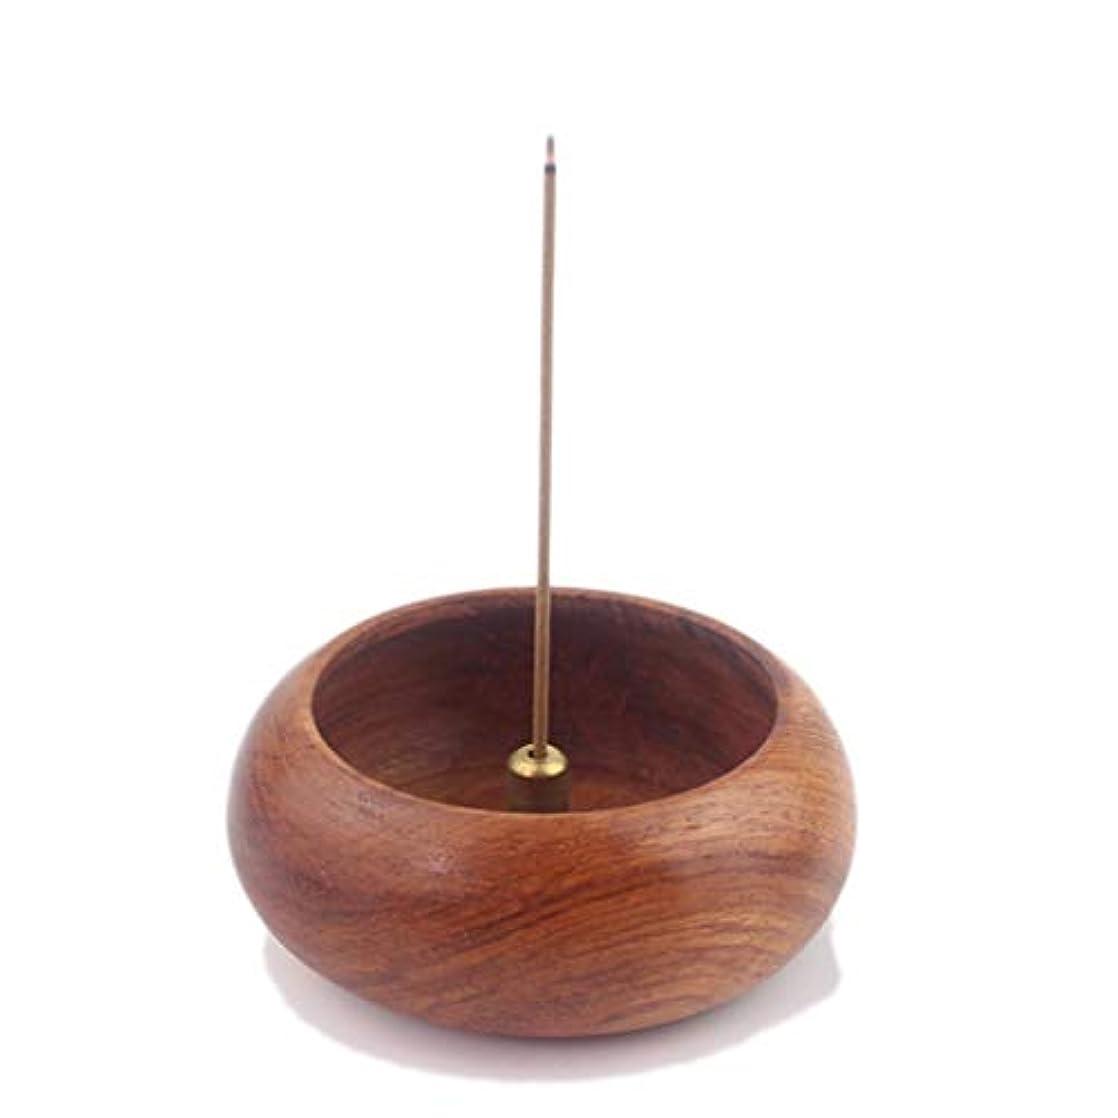 ファントムタイピスト銅ローズウッドボウル型香炉ホルダーキャンドルアロマセラピー炉香ホルダーホームリビングルーム香バーナー装飾 (Color : Wood, サイズ : 6.2*2.4cm)